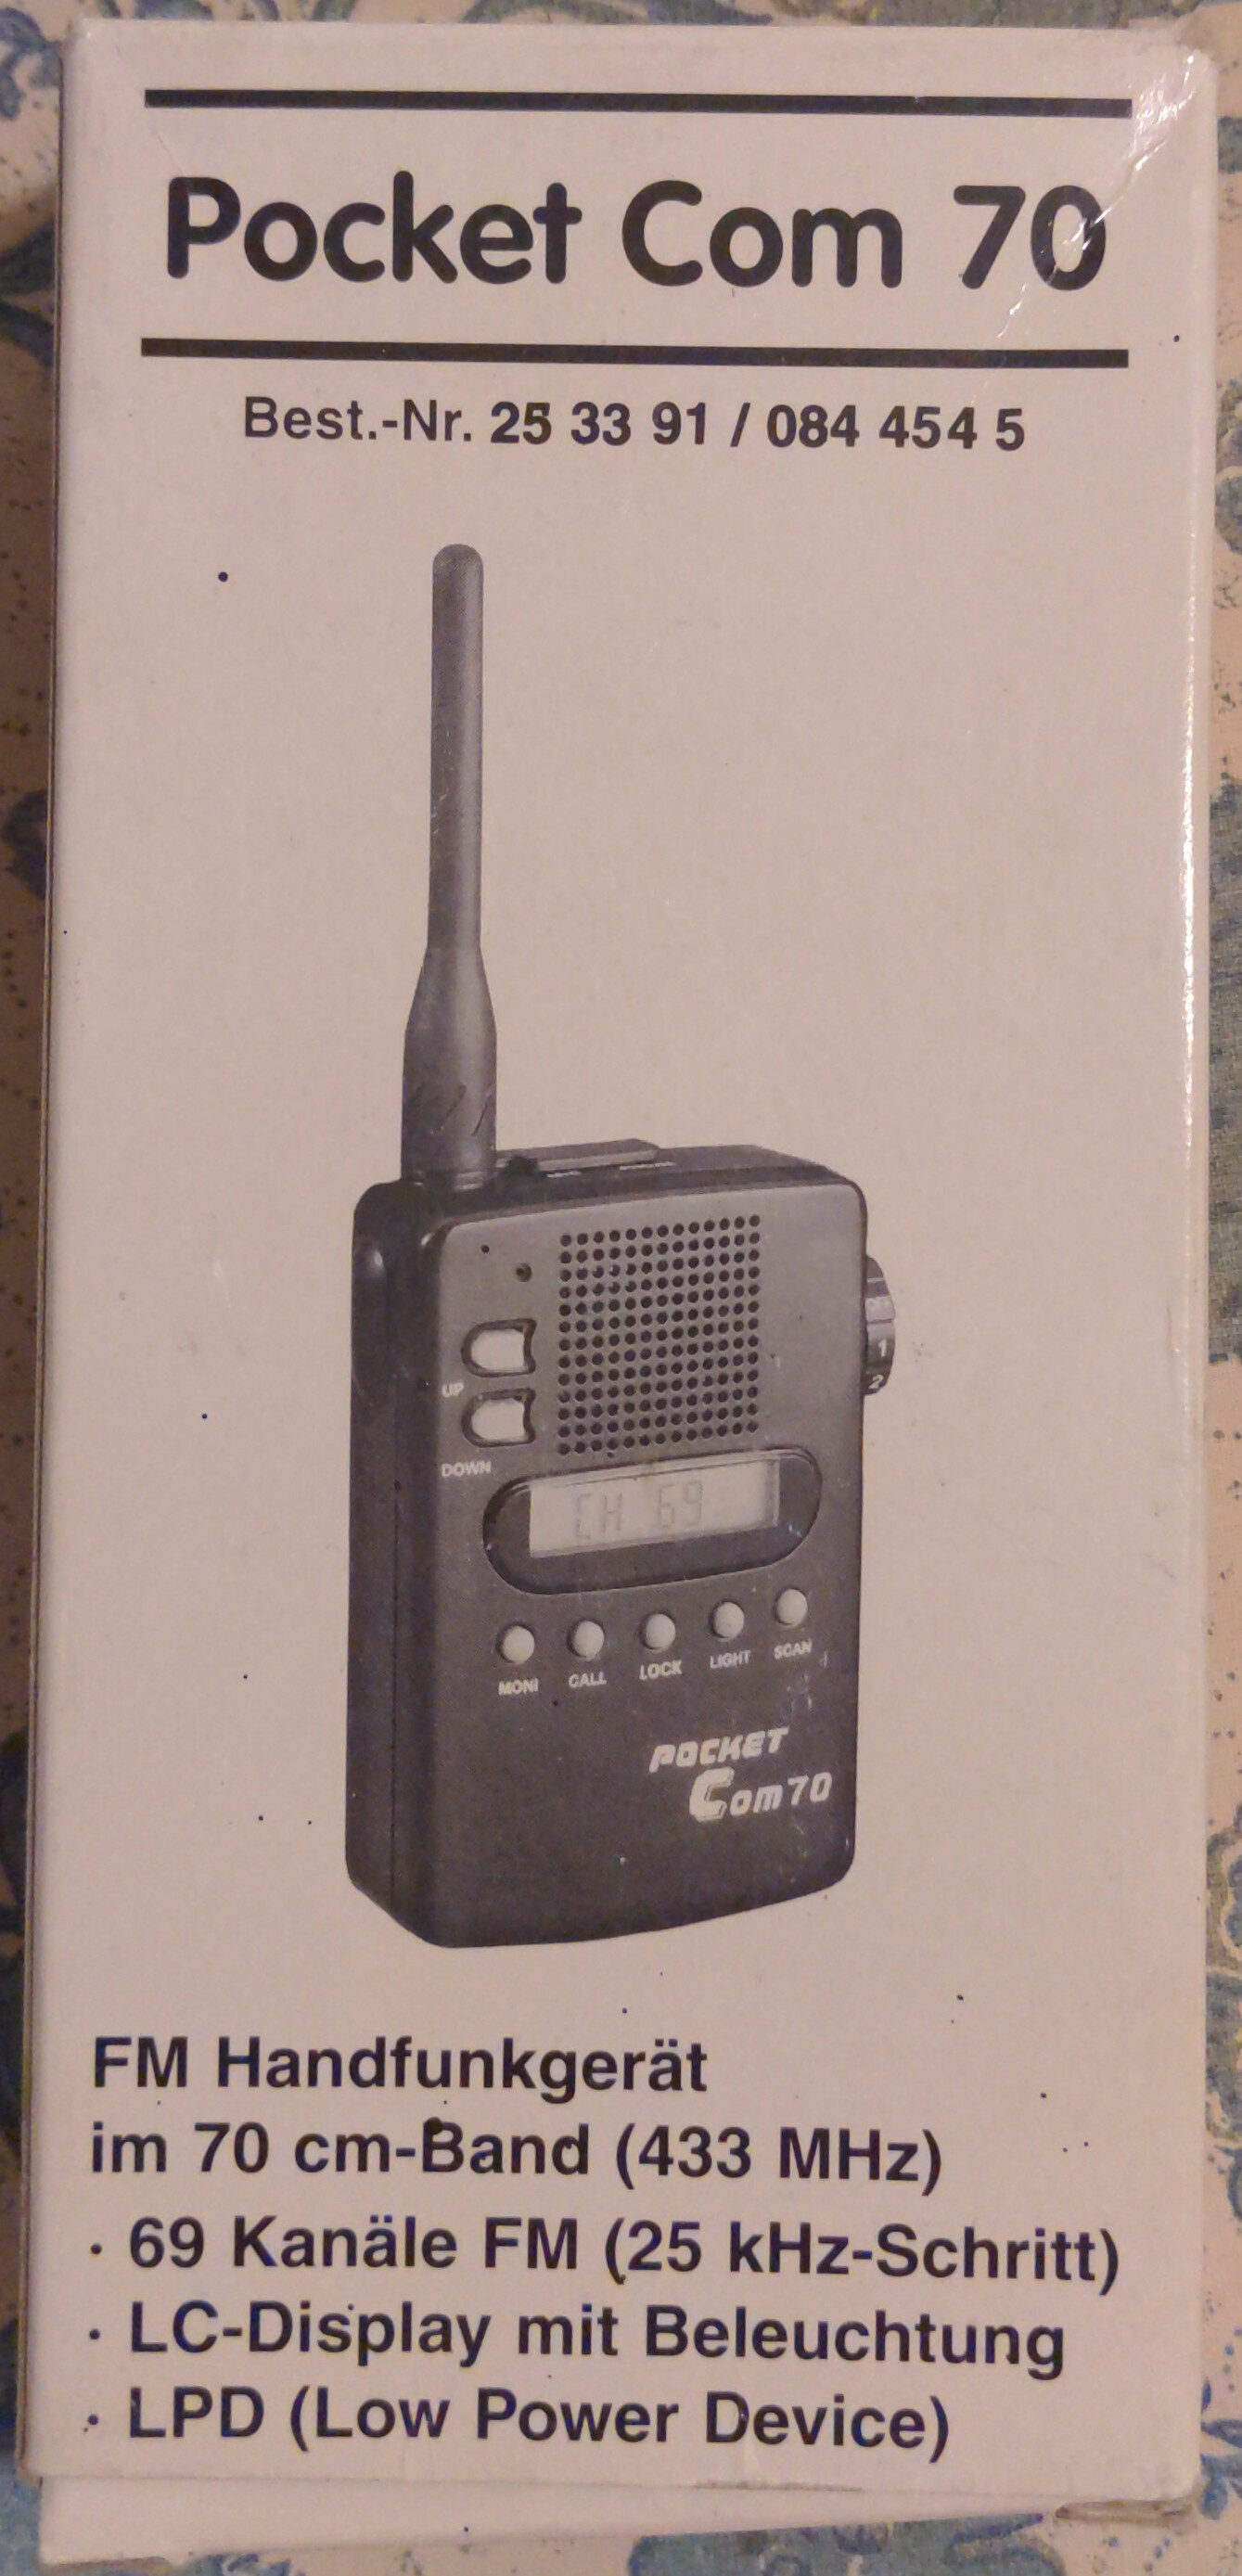 Pocket Com 70 - Produit - fr